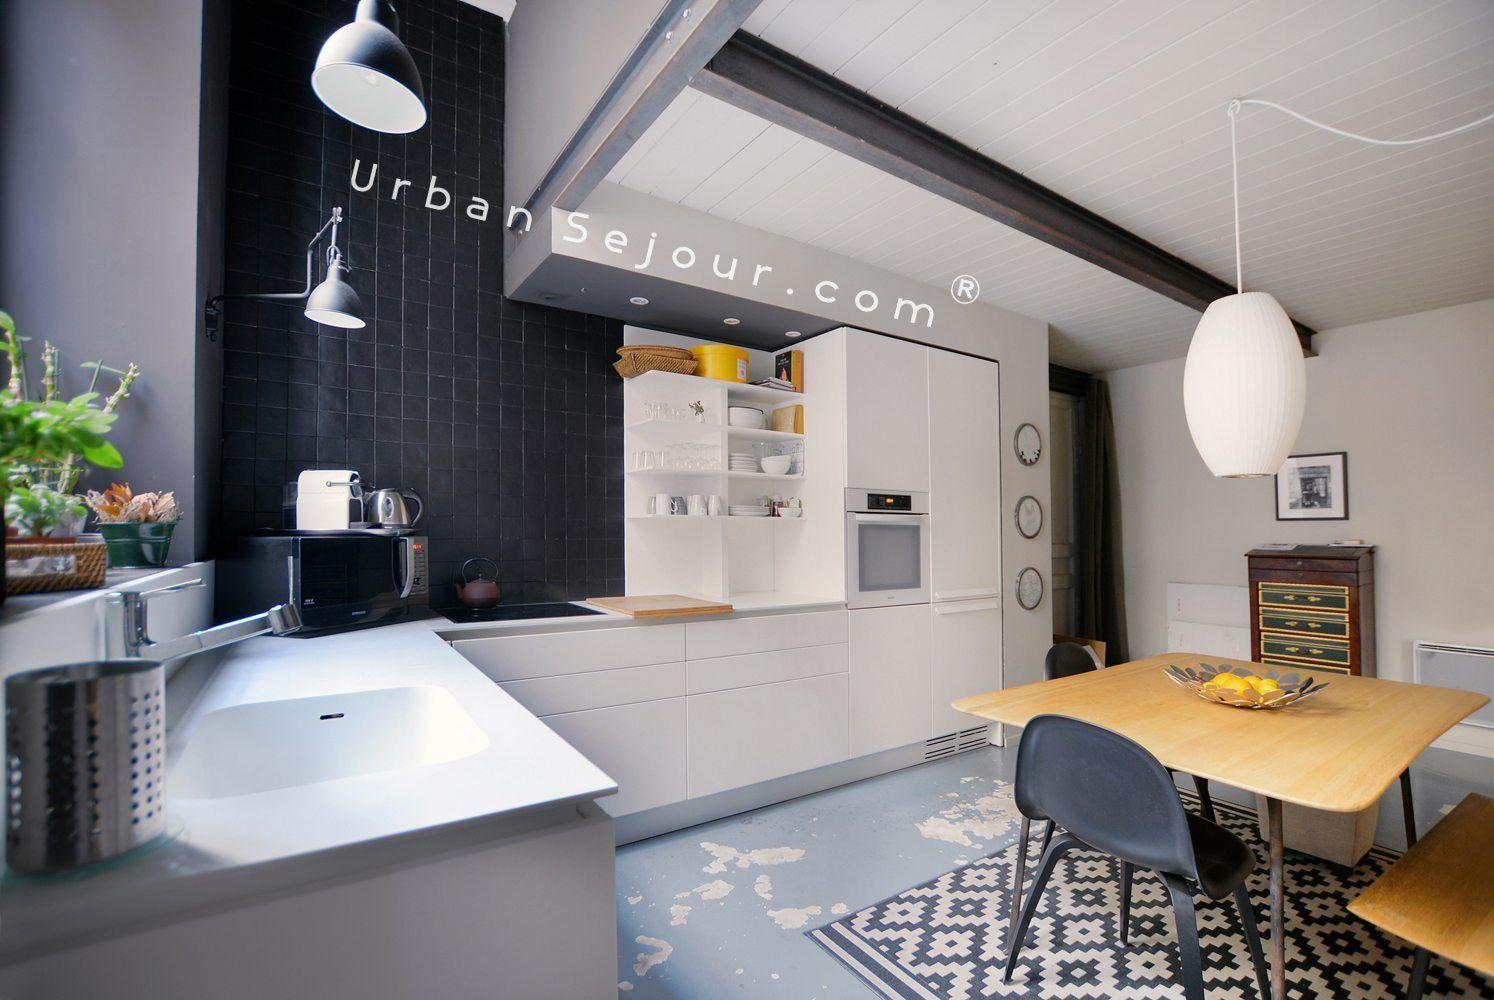 location appartement avec 2 chambres et grand bureau en location saisonniere location moyenne. Black Bedroom Furniture Sets. Home Design Ideas